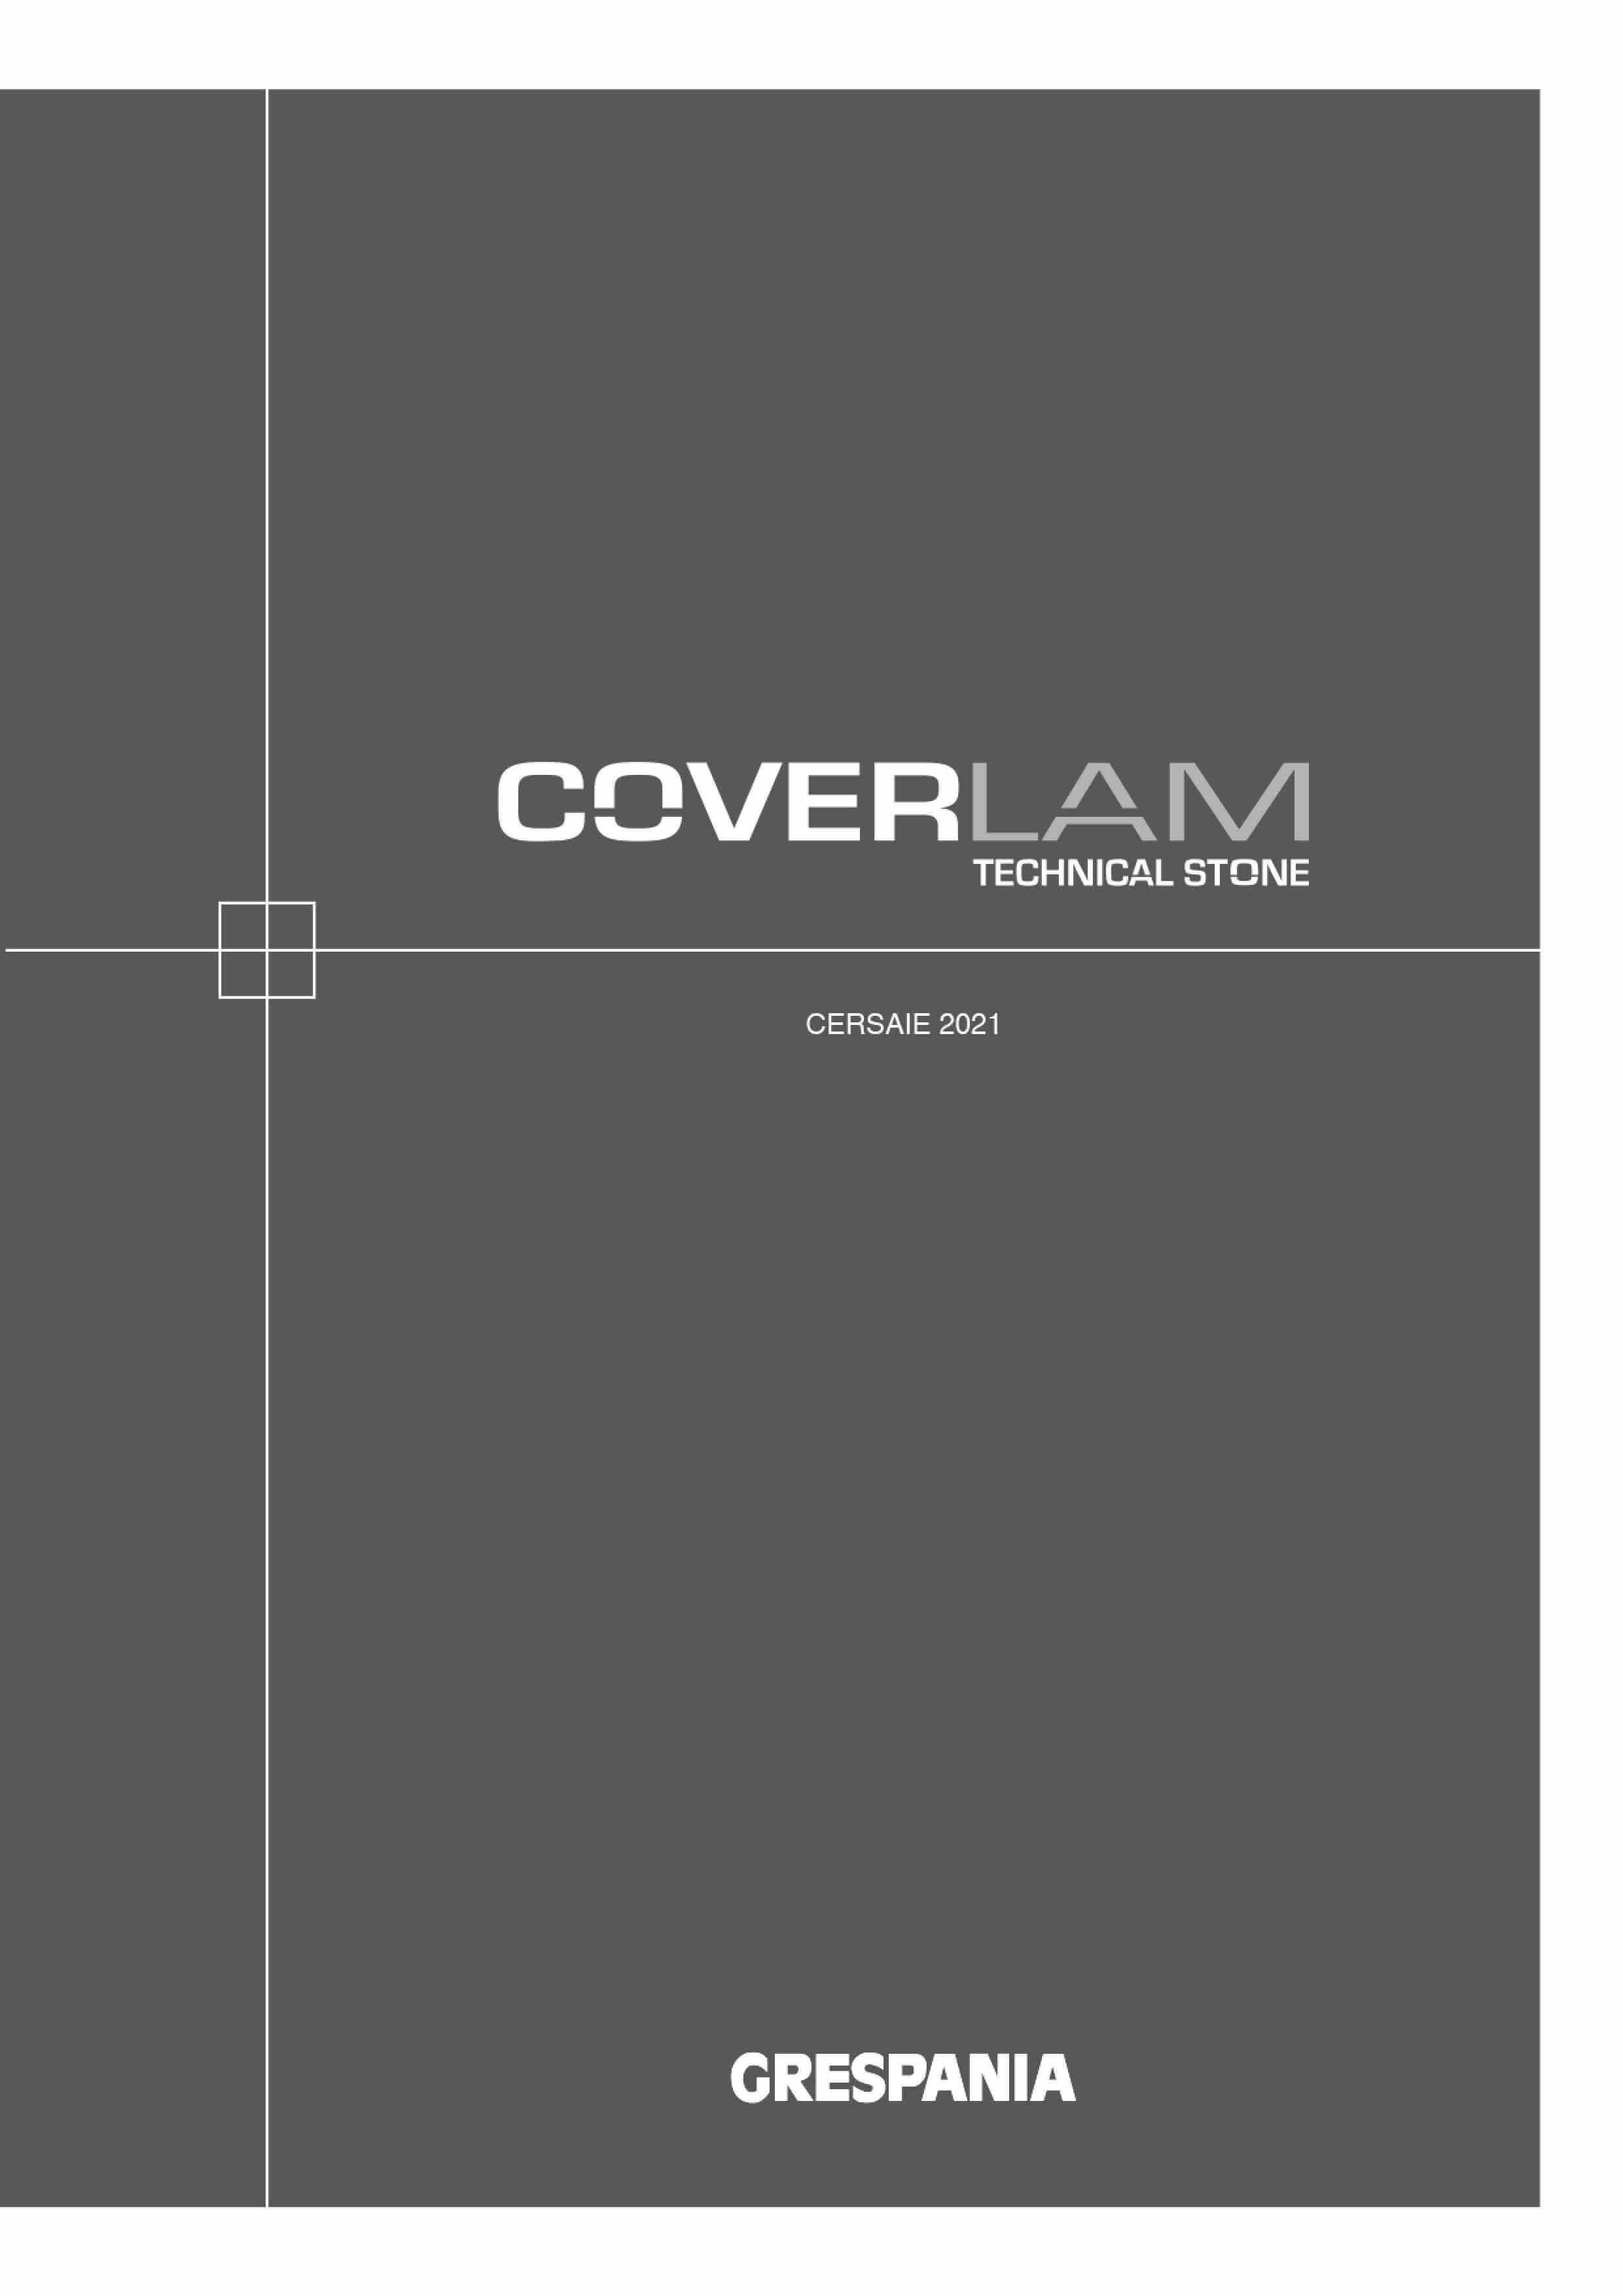 Portada Coverlam | Catálogos Coverlam